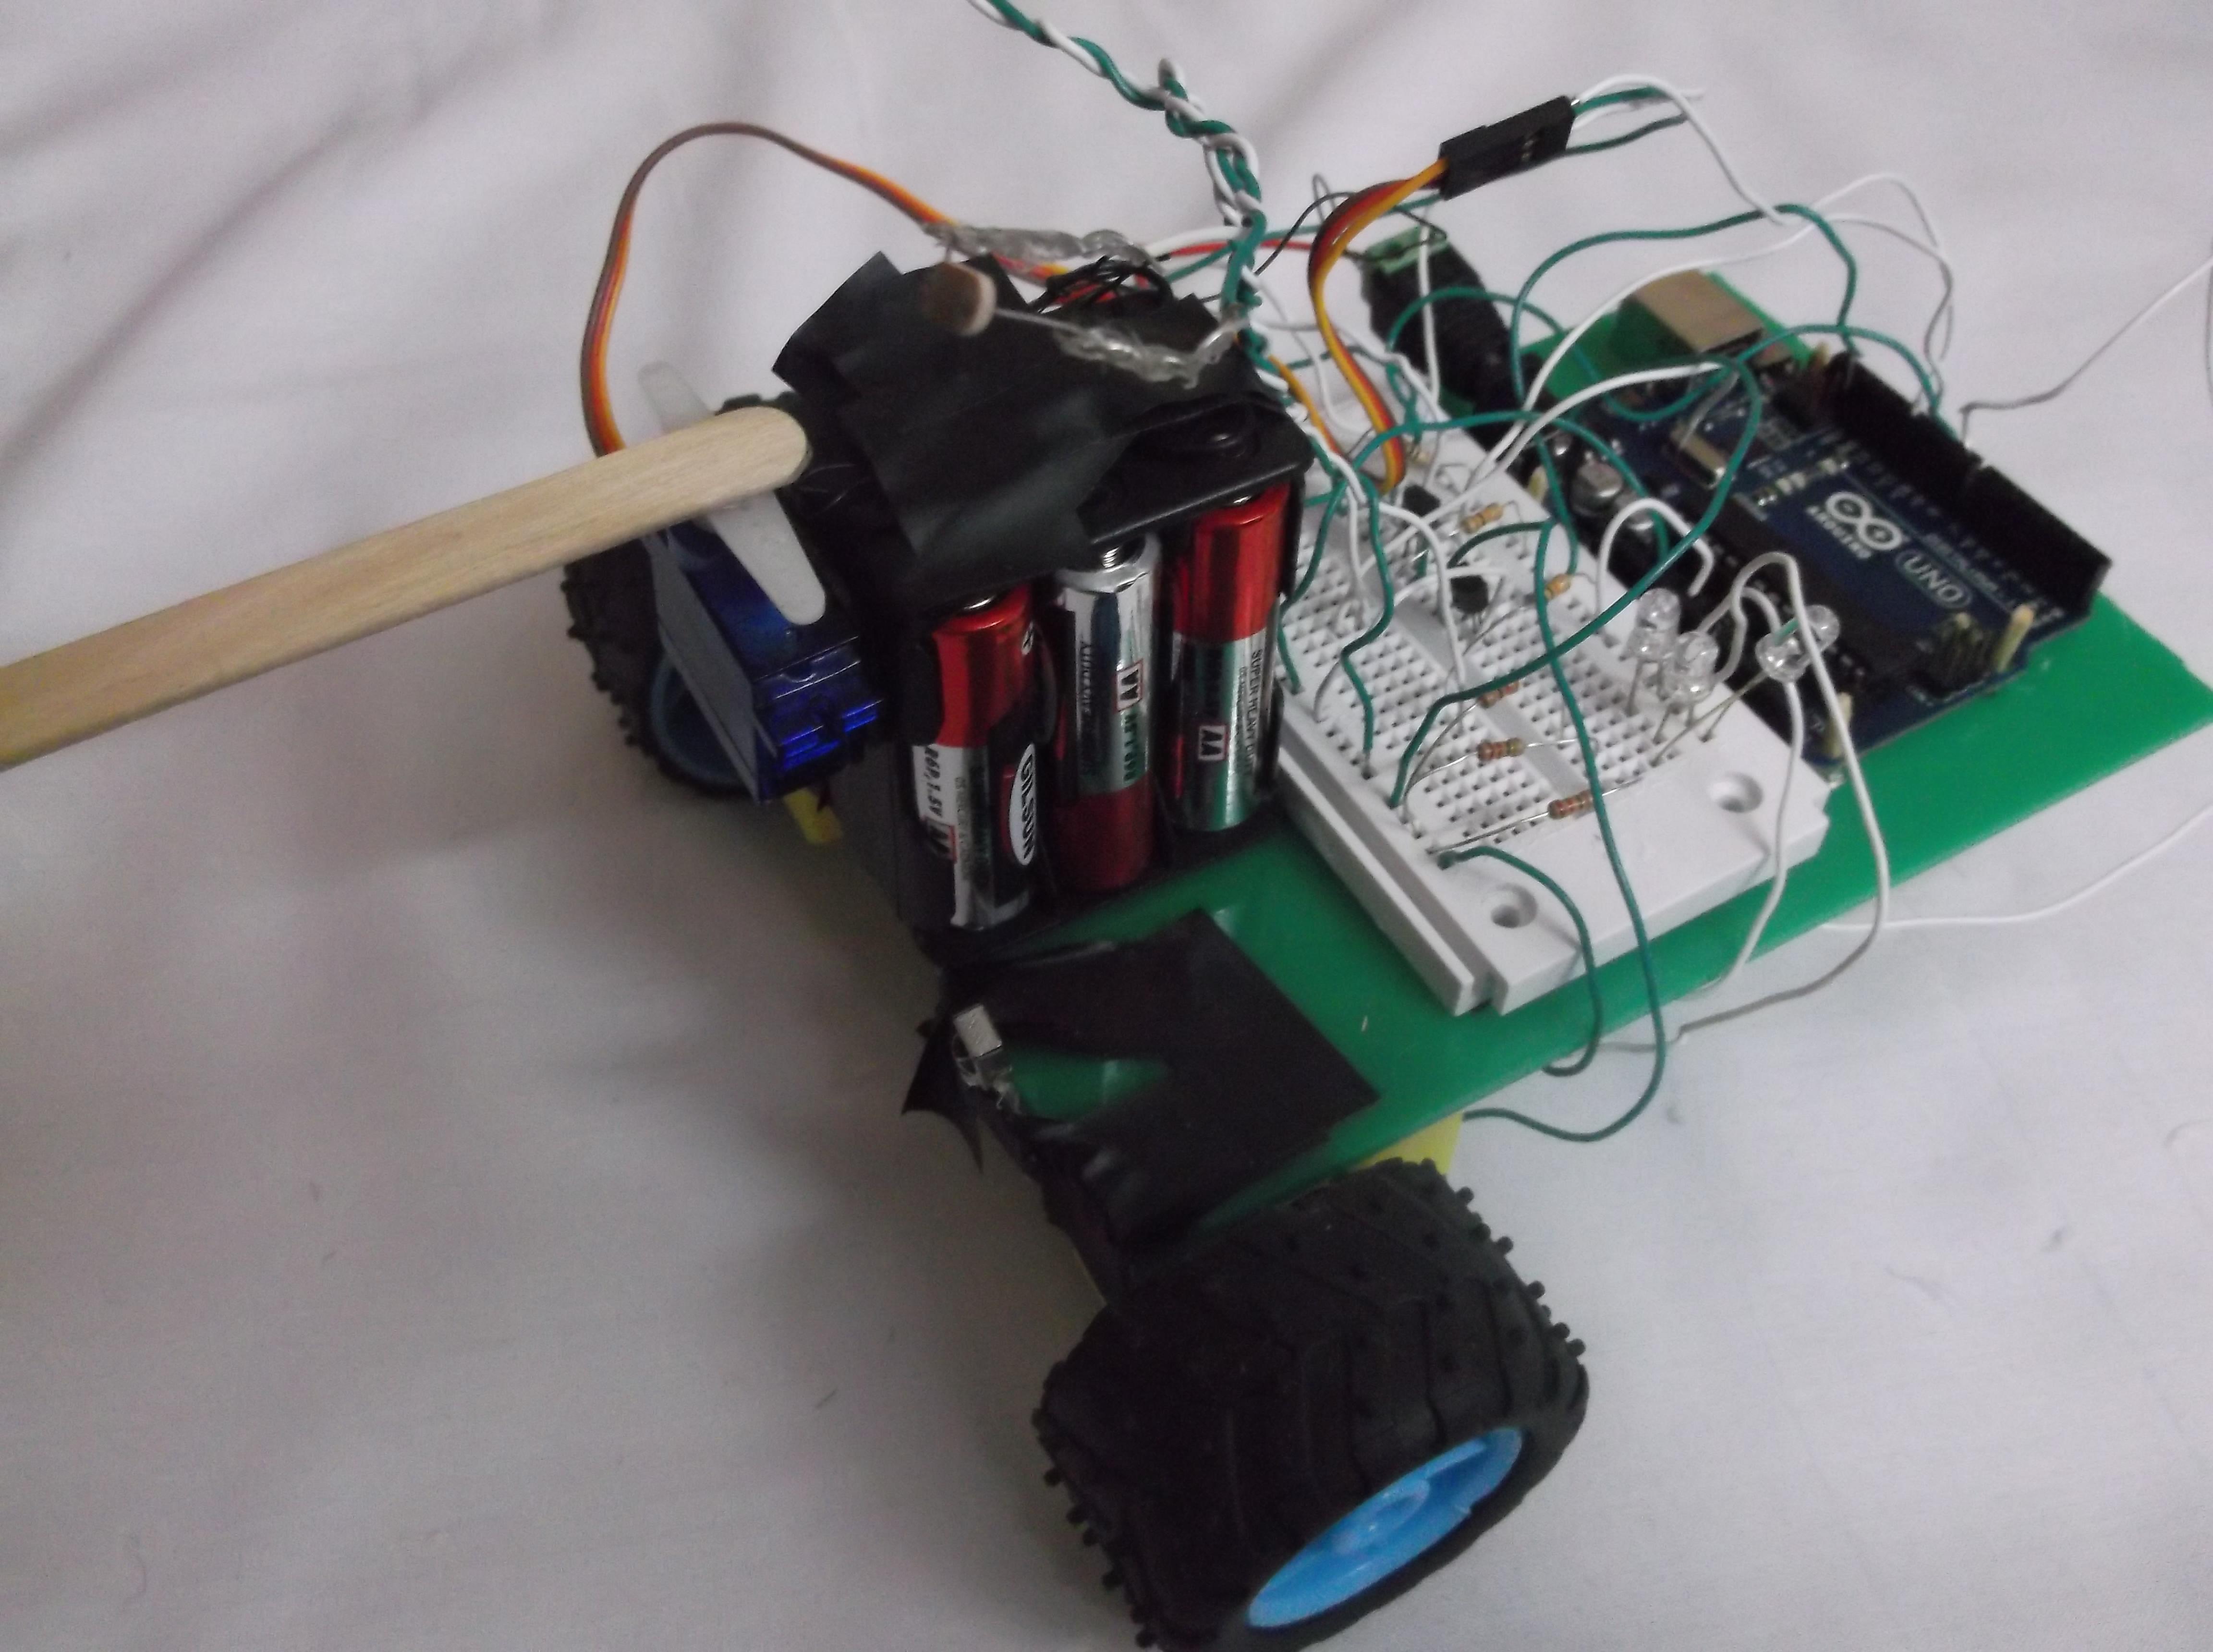 ربات جستجوگر نور و عبور از موانع